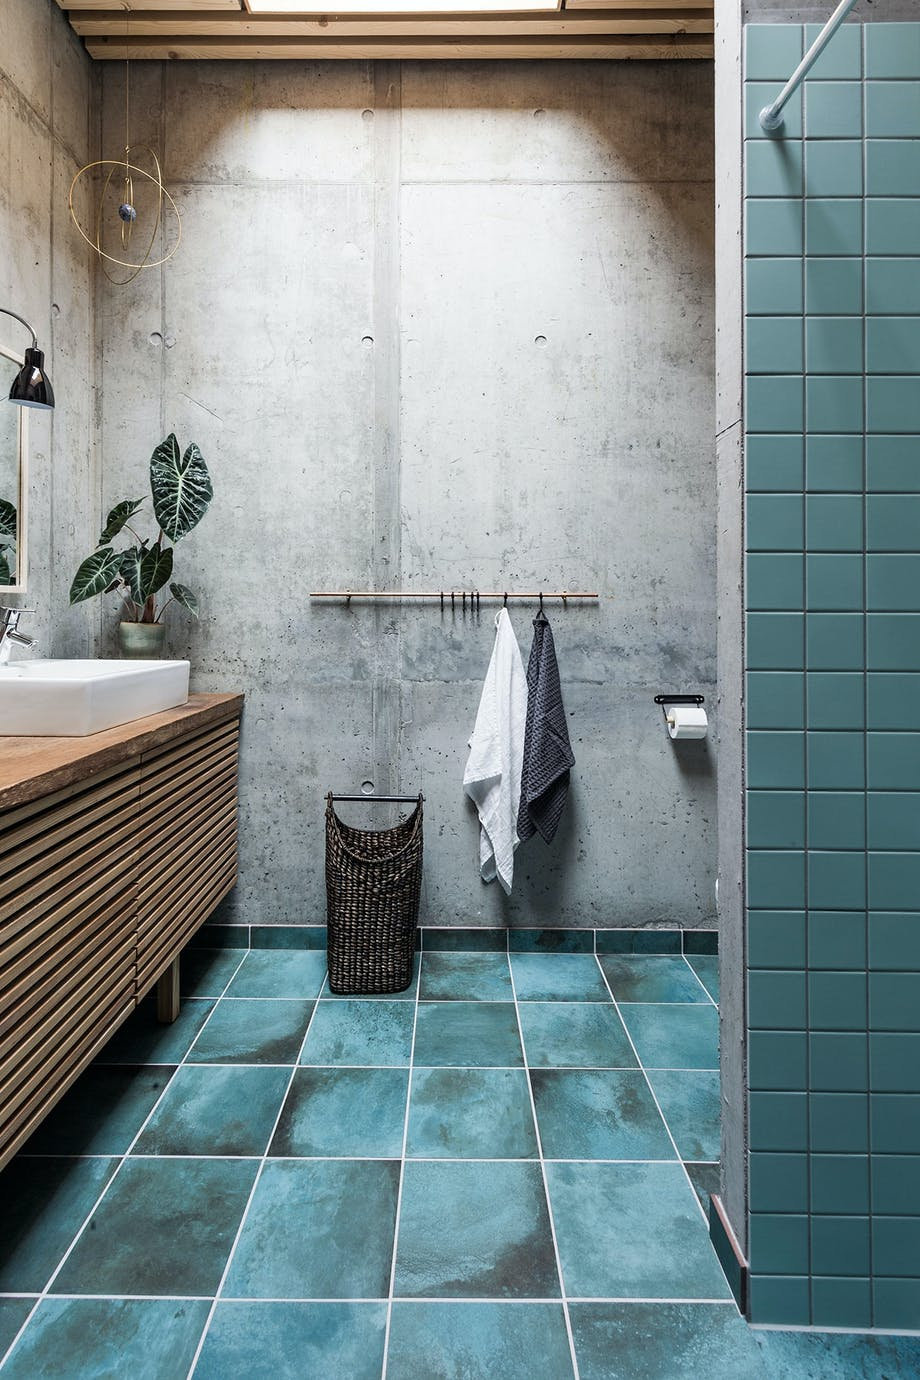 badeværelse turkise klinker beton træ planter ovenlys